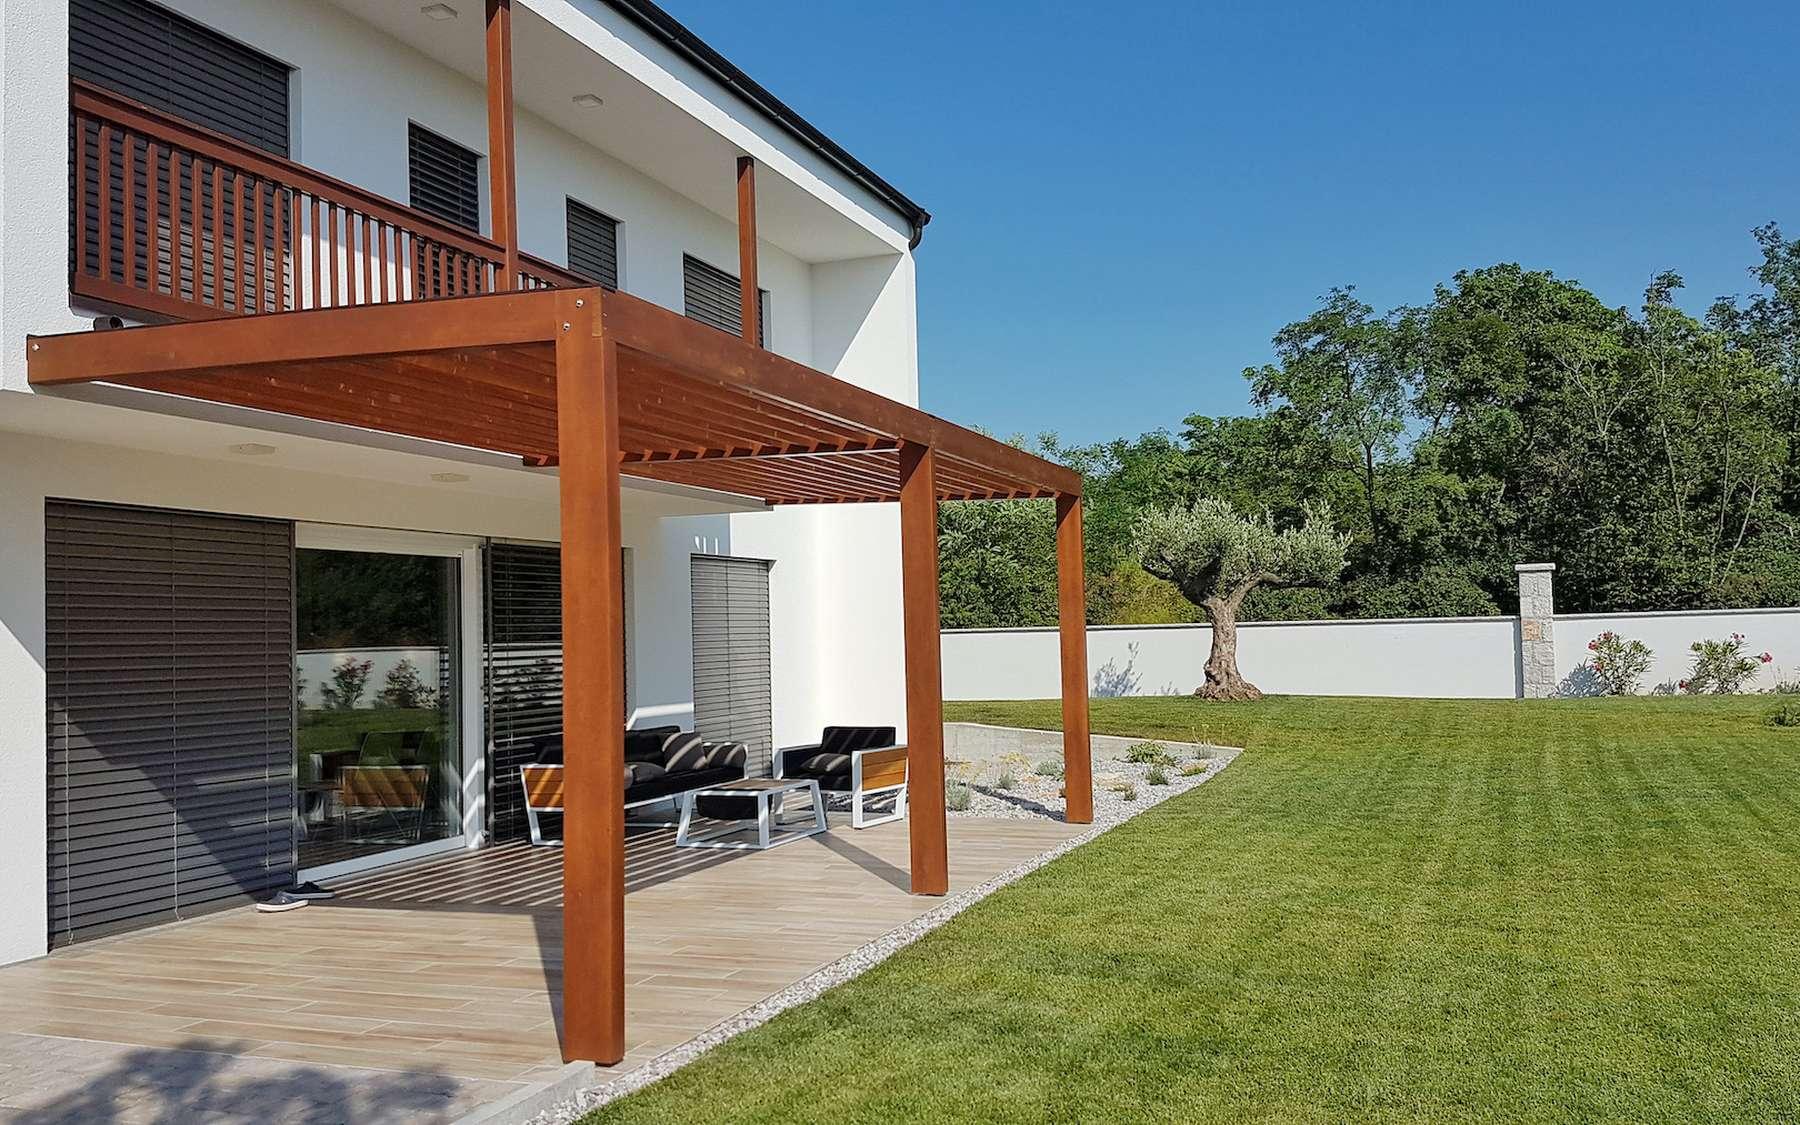 La pergola, une solution pérenne pour créer de l'ombre sur sa terrasse. © JRP Studio, Adobe Stock